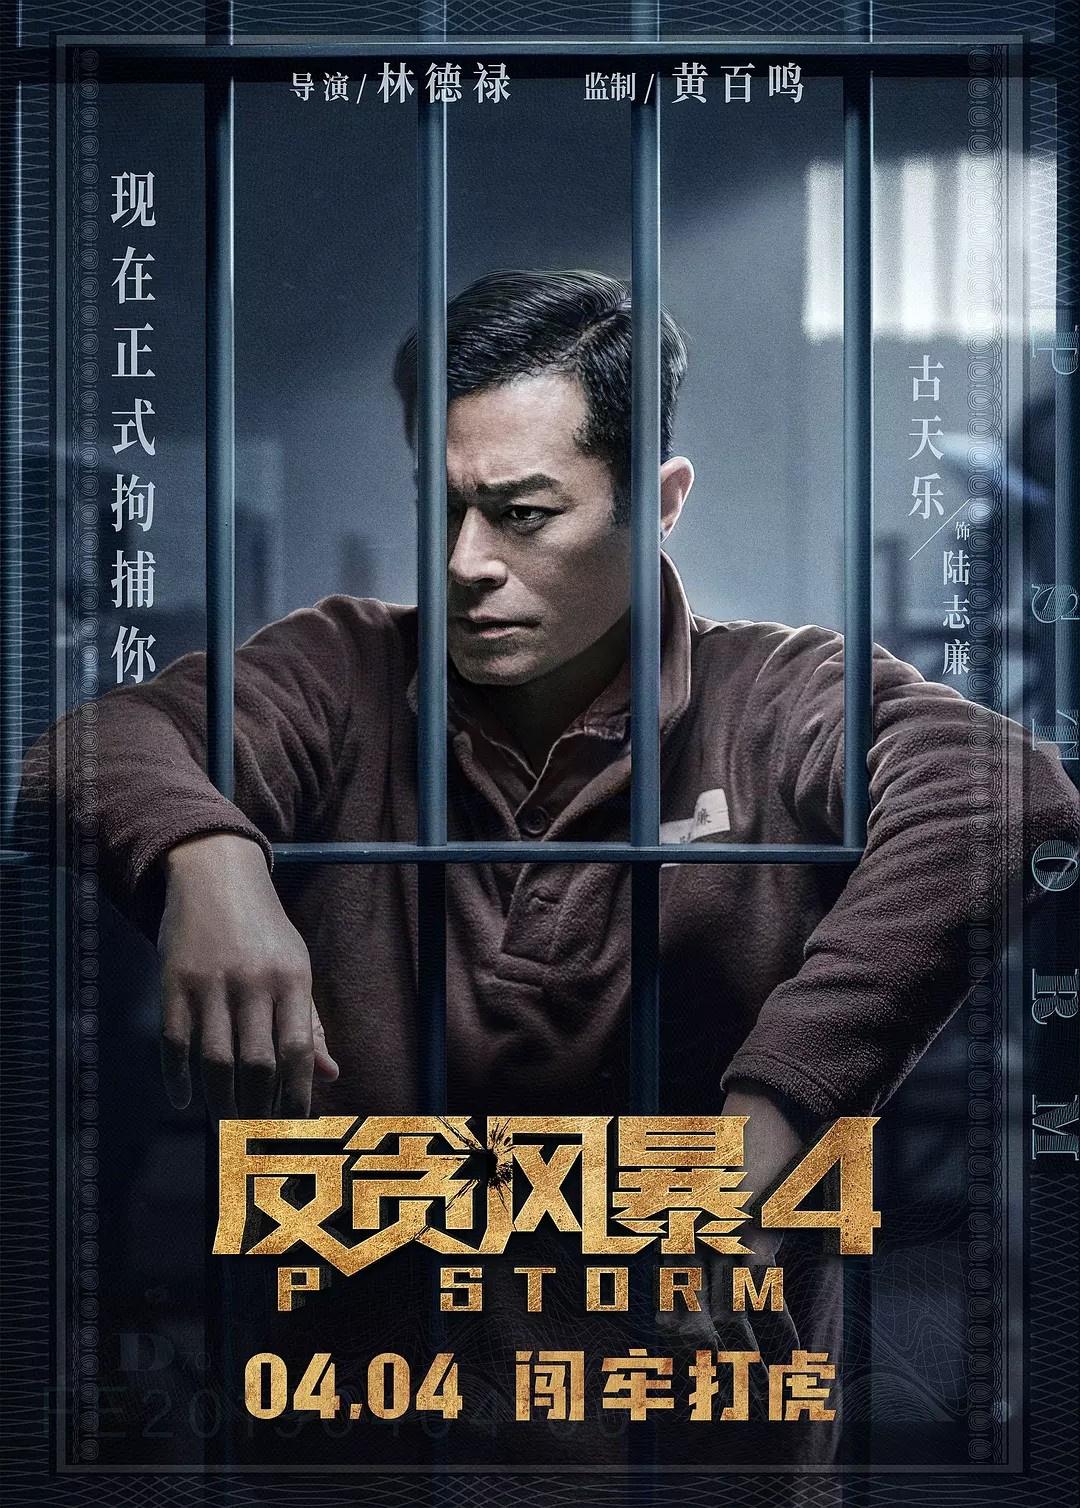 《反贪风暴4》票房破4亿 清明档国产片跑赢好莱坞